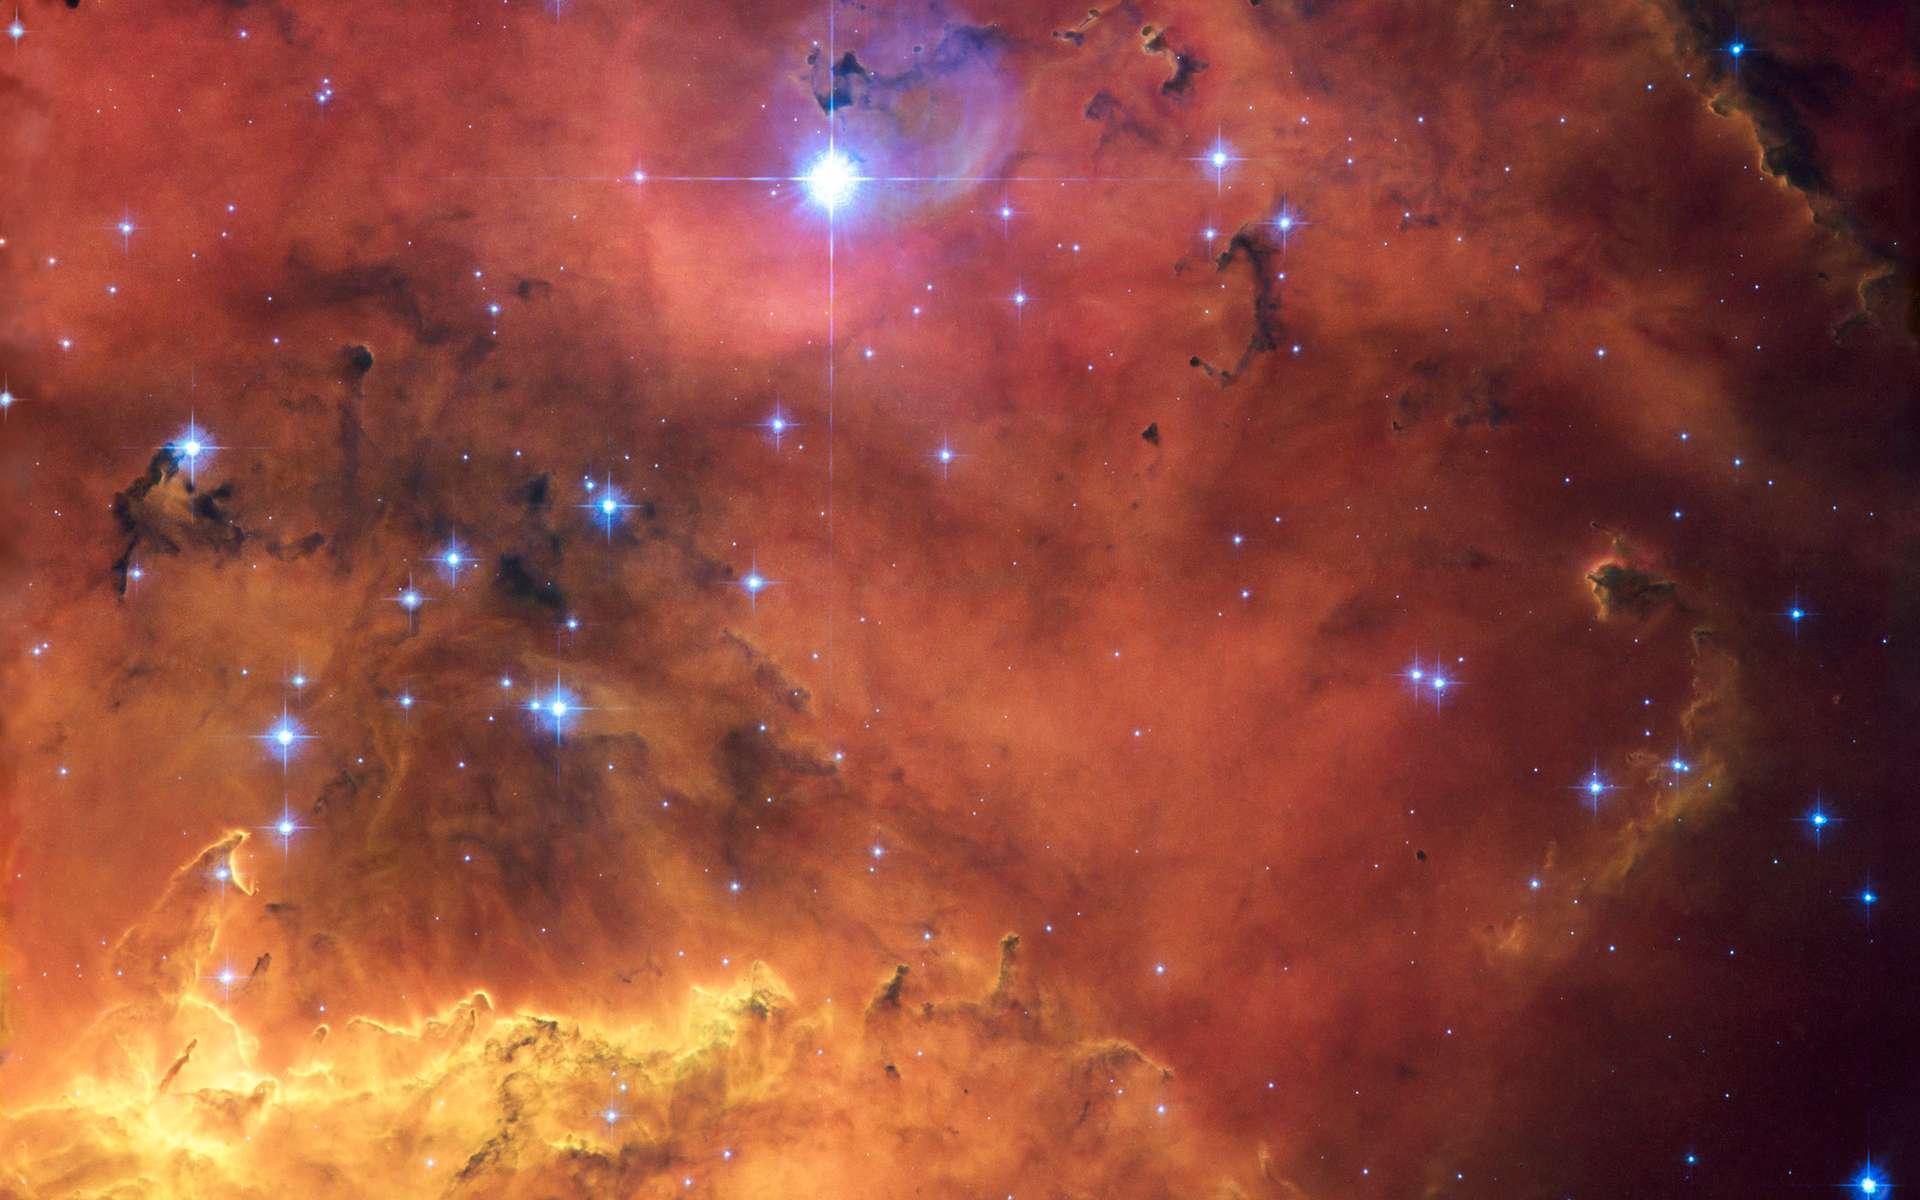 NGC 2467, une pouponnière d'étoiles, située à 13.000 années-lumière et visible au sein de la constellation de la Poupe, donc dans le ciel de l'hémisphère sud. Crédits Nasa, Esa & Orsola De Marco (Macquarie University)